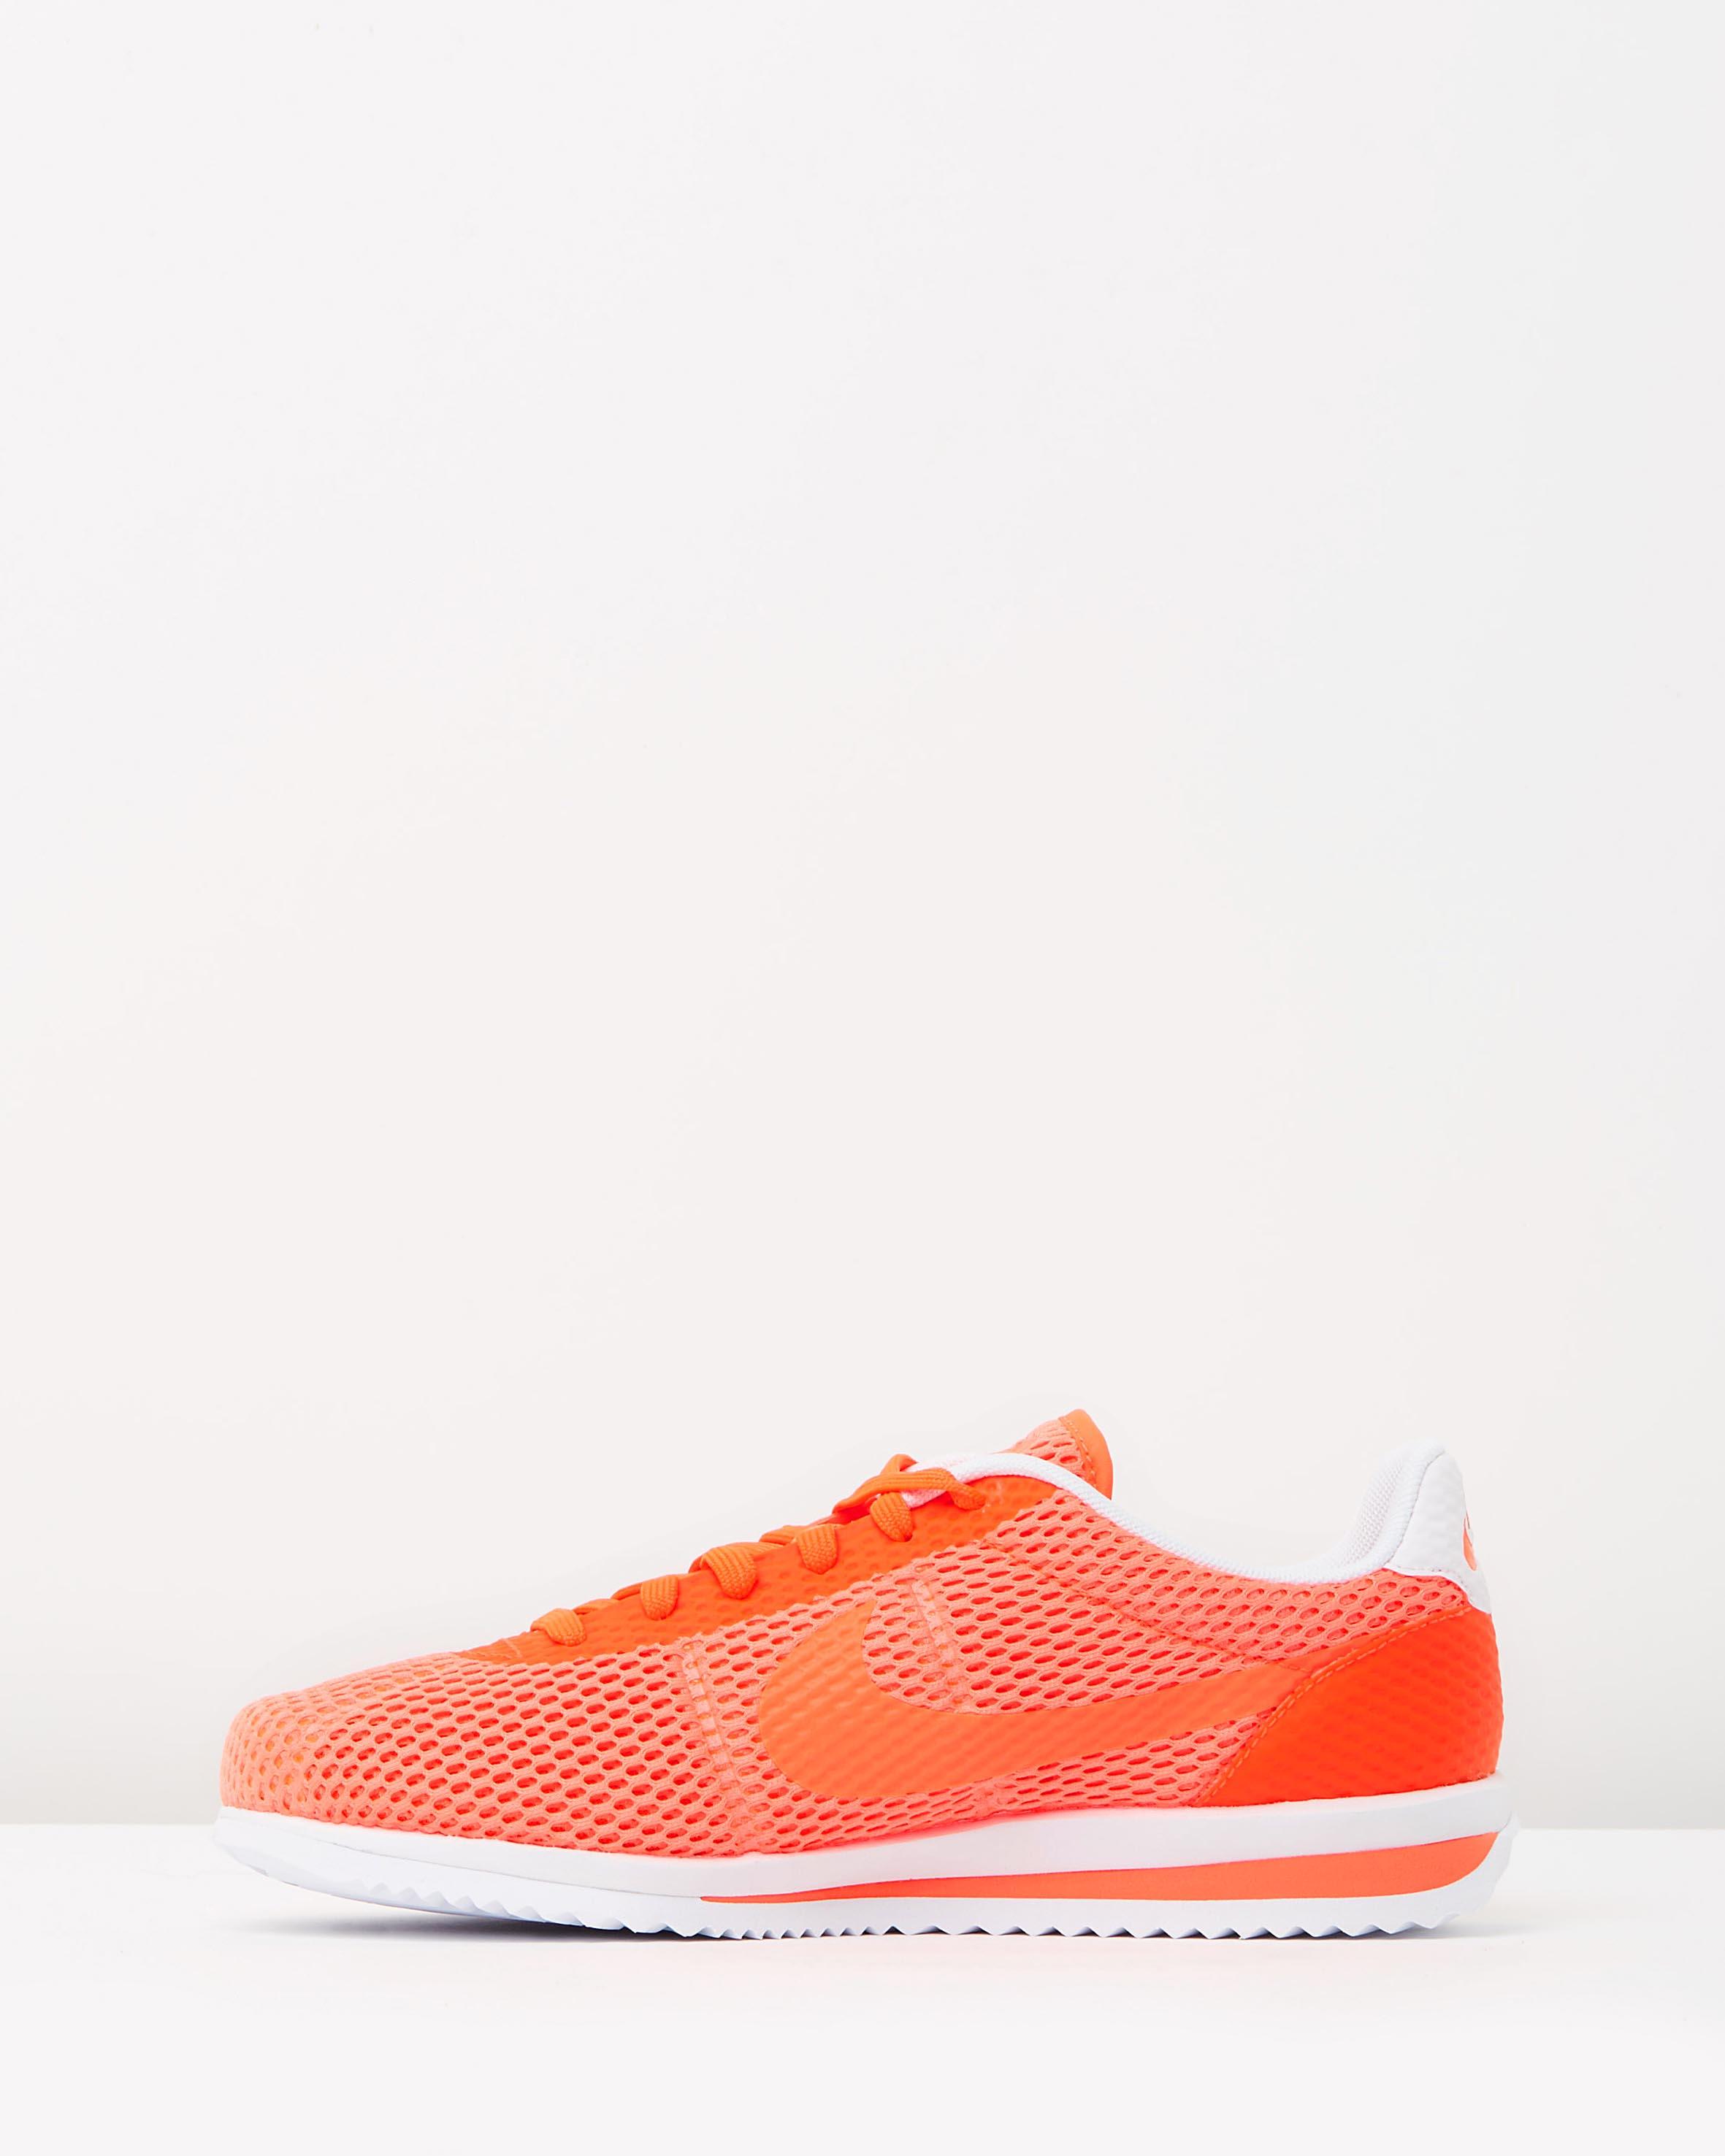 Nike Cortez Ultra Br Total Crimson Amp White Sneaker Store